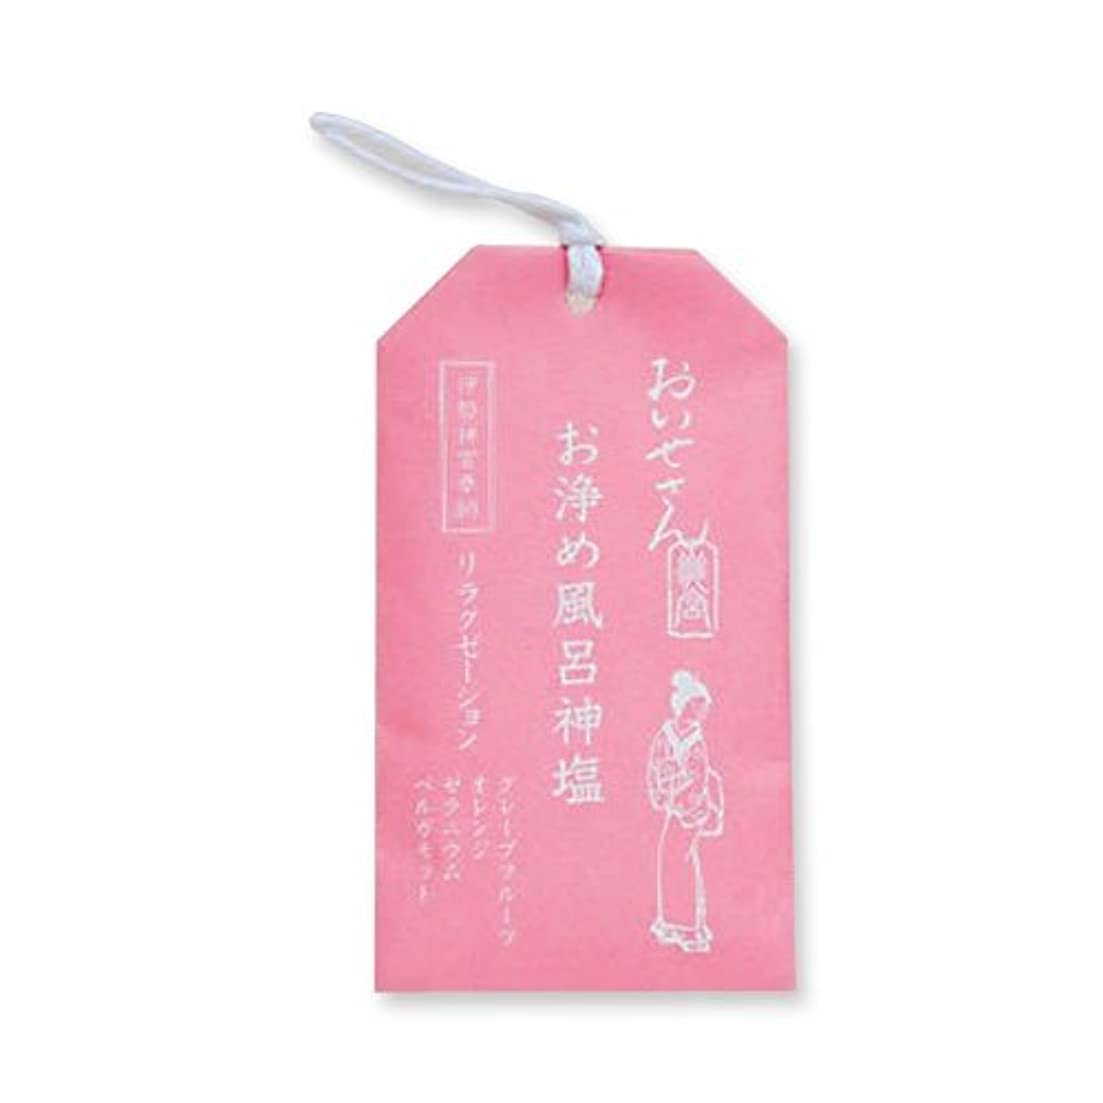 ダブルドラムレールおいせさん お浄め風呂神塩 バス用ソルト(リラクゼーション) 20g